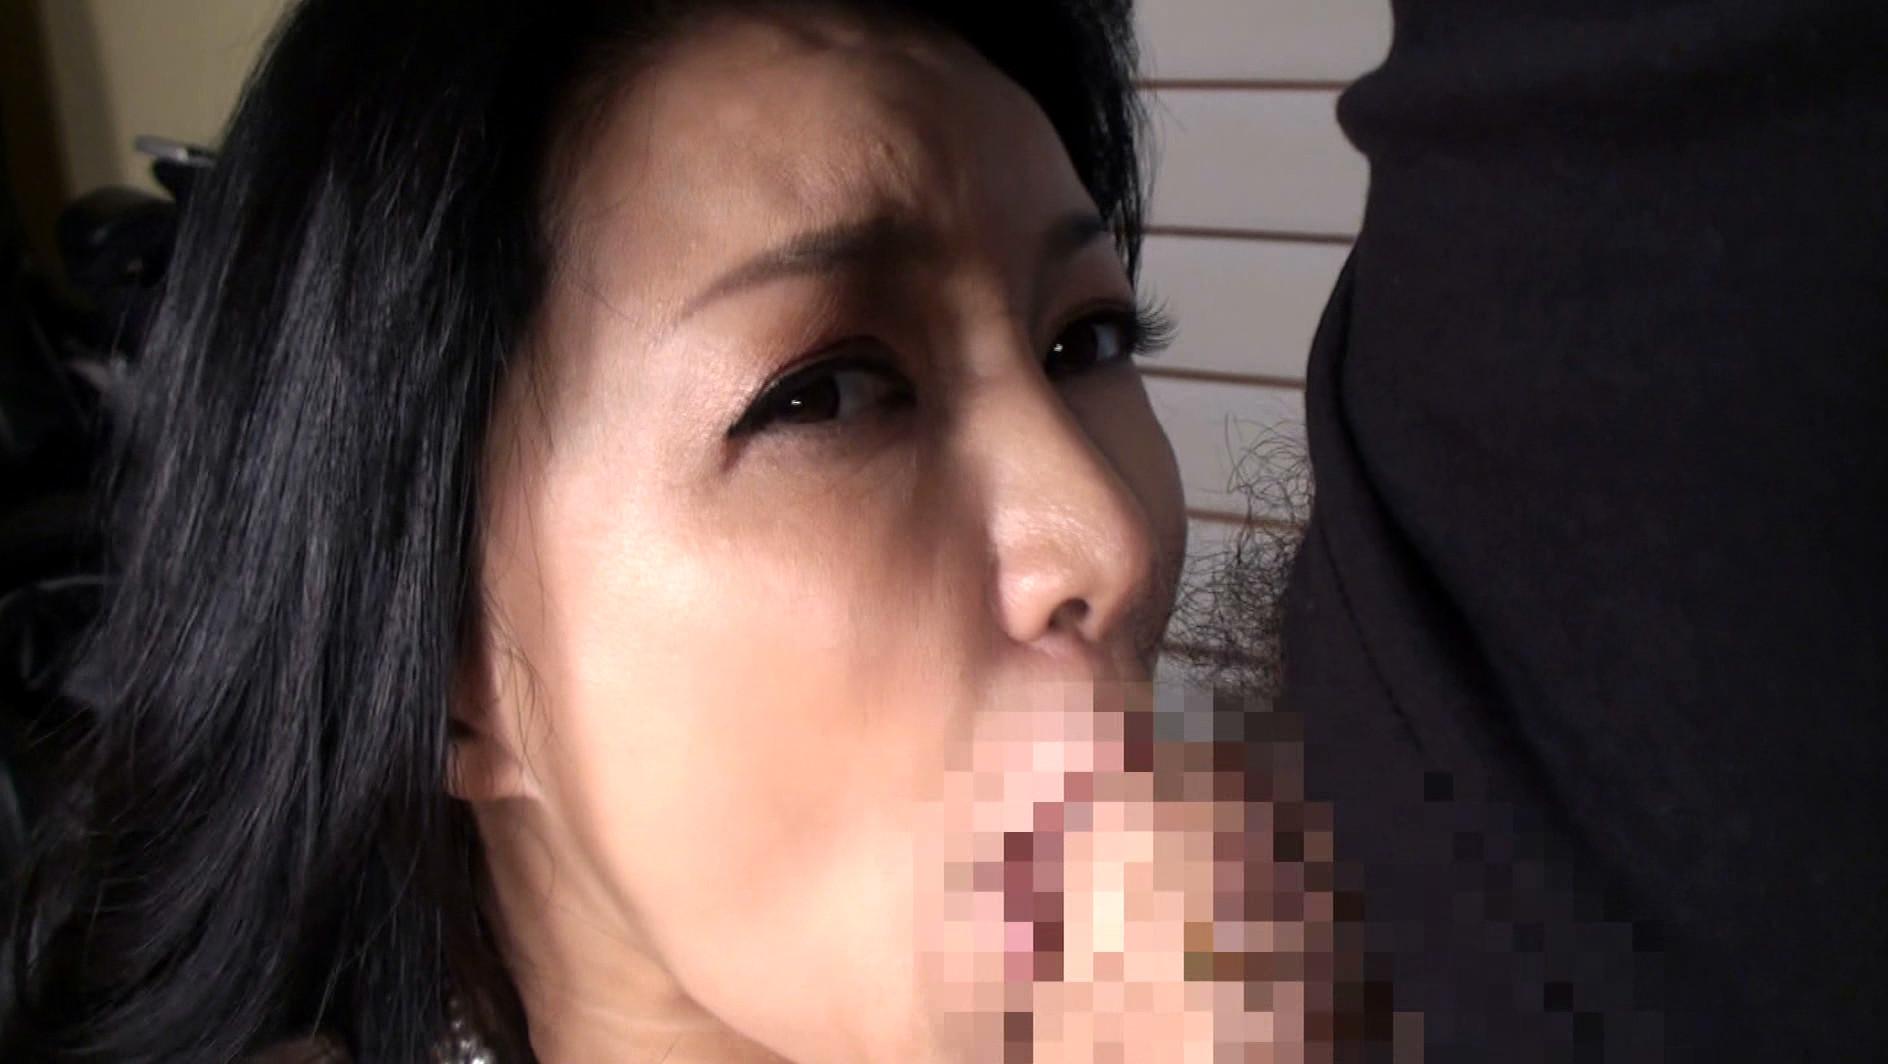 本物現役女社長 霧島ゆかり五十歳 首絞めでアクメに達する女 画像15